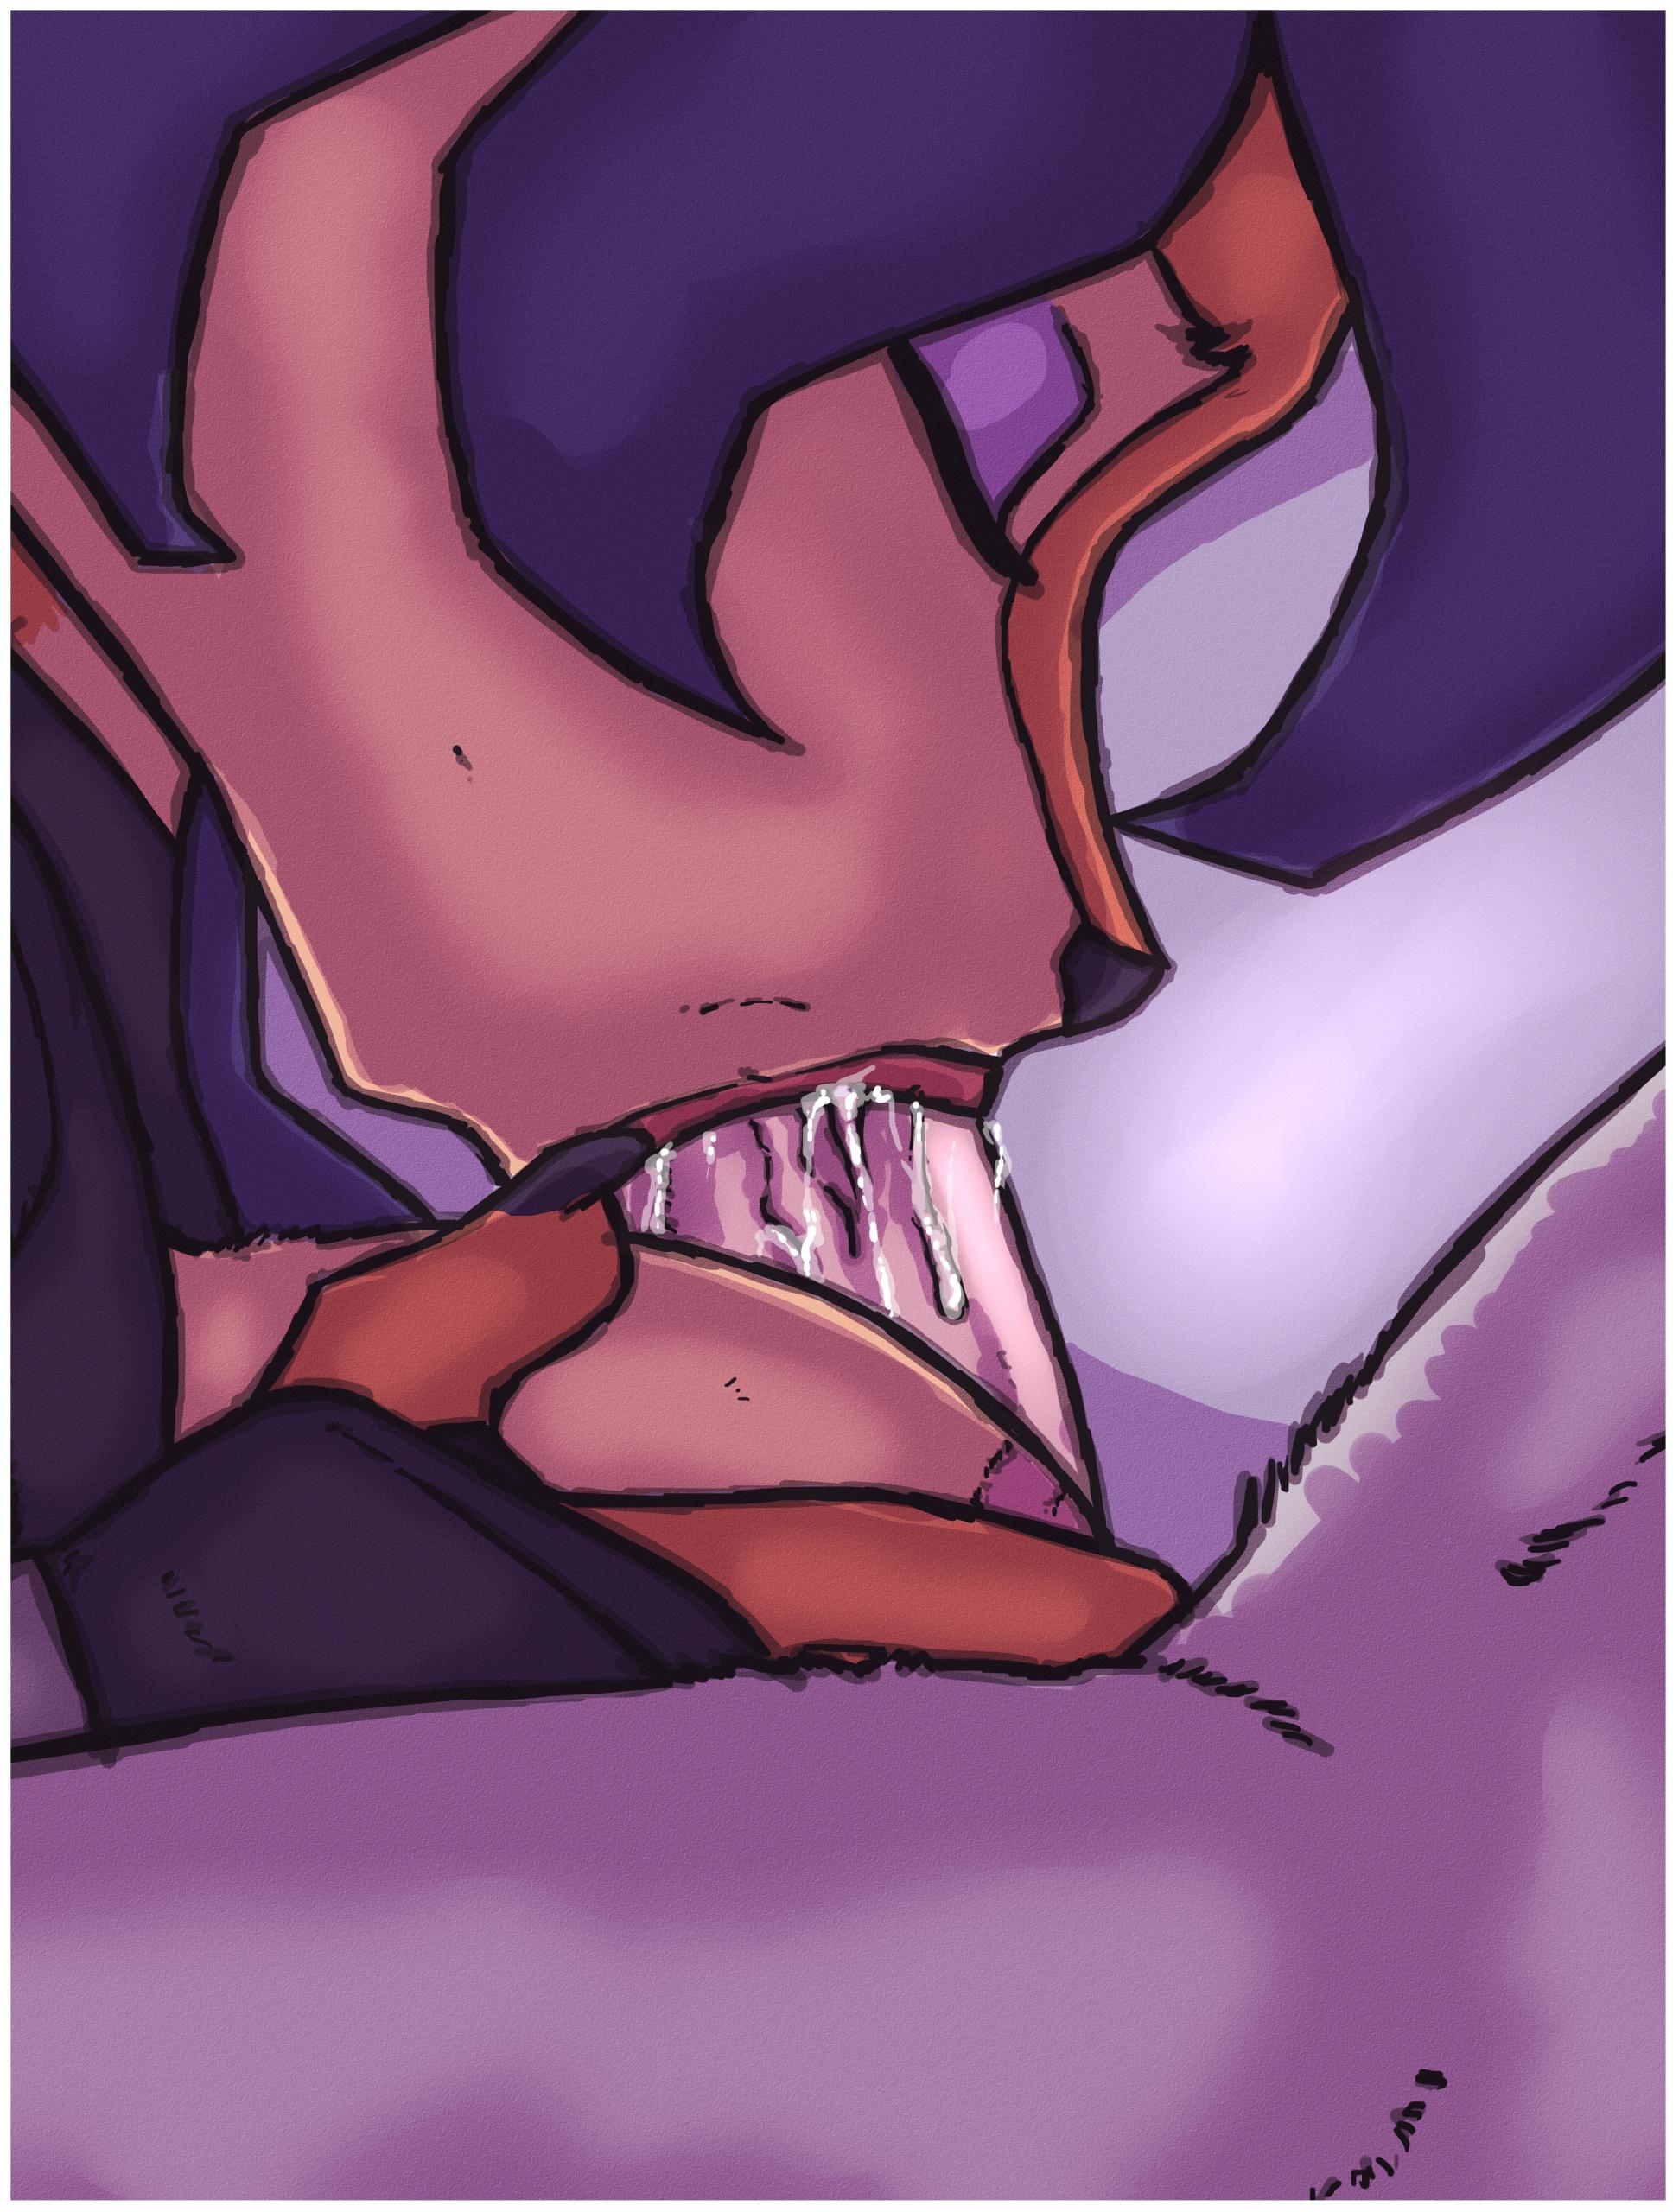 Sly Cooper Imageset porn comics Oral sex, Big Tits, Blowjob, Cum Shots, Cum Swallow, Furry, Kidnapping, Masturbation, Titfuck, X-Ray